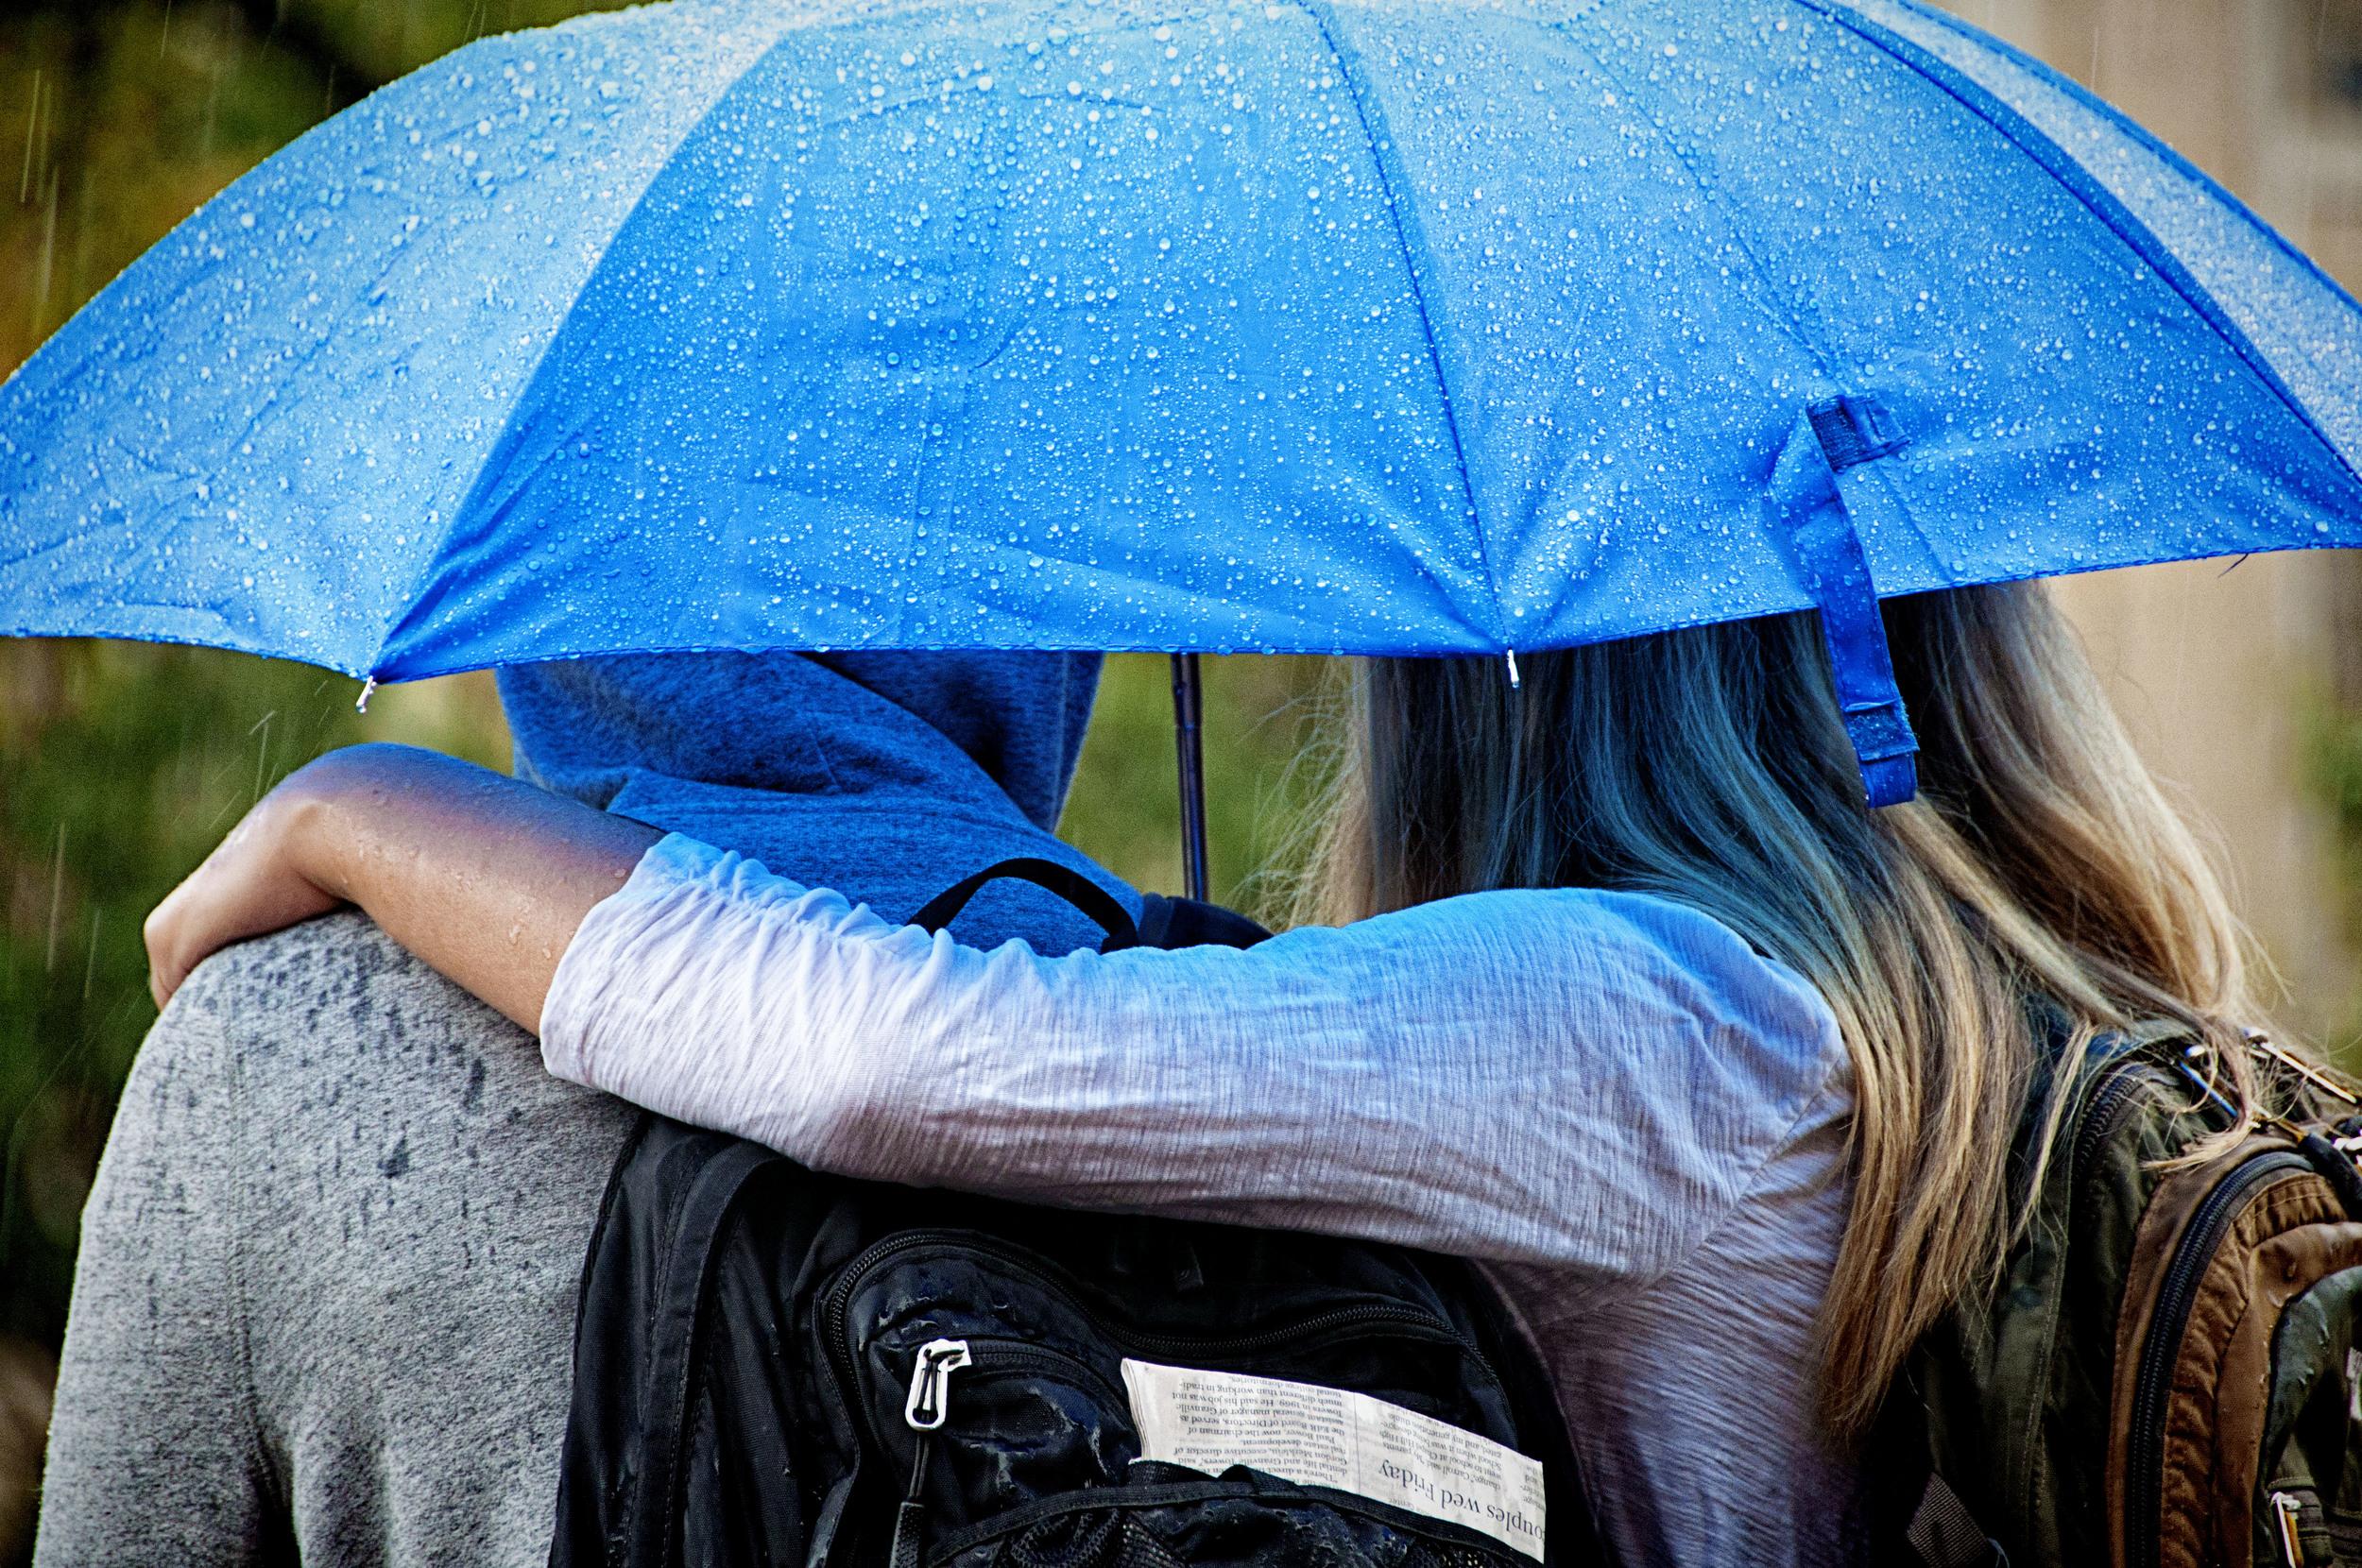 Weather - rain - umbrella - Chapel Hill - NC